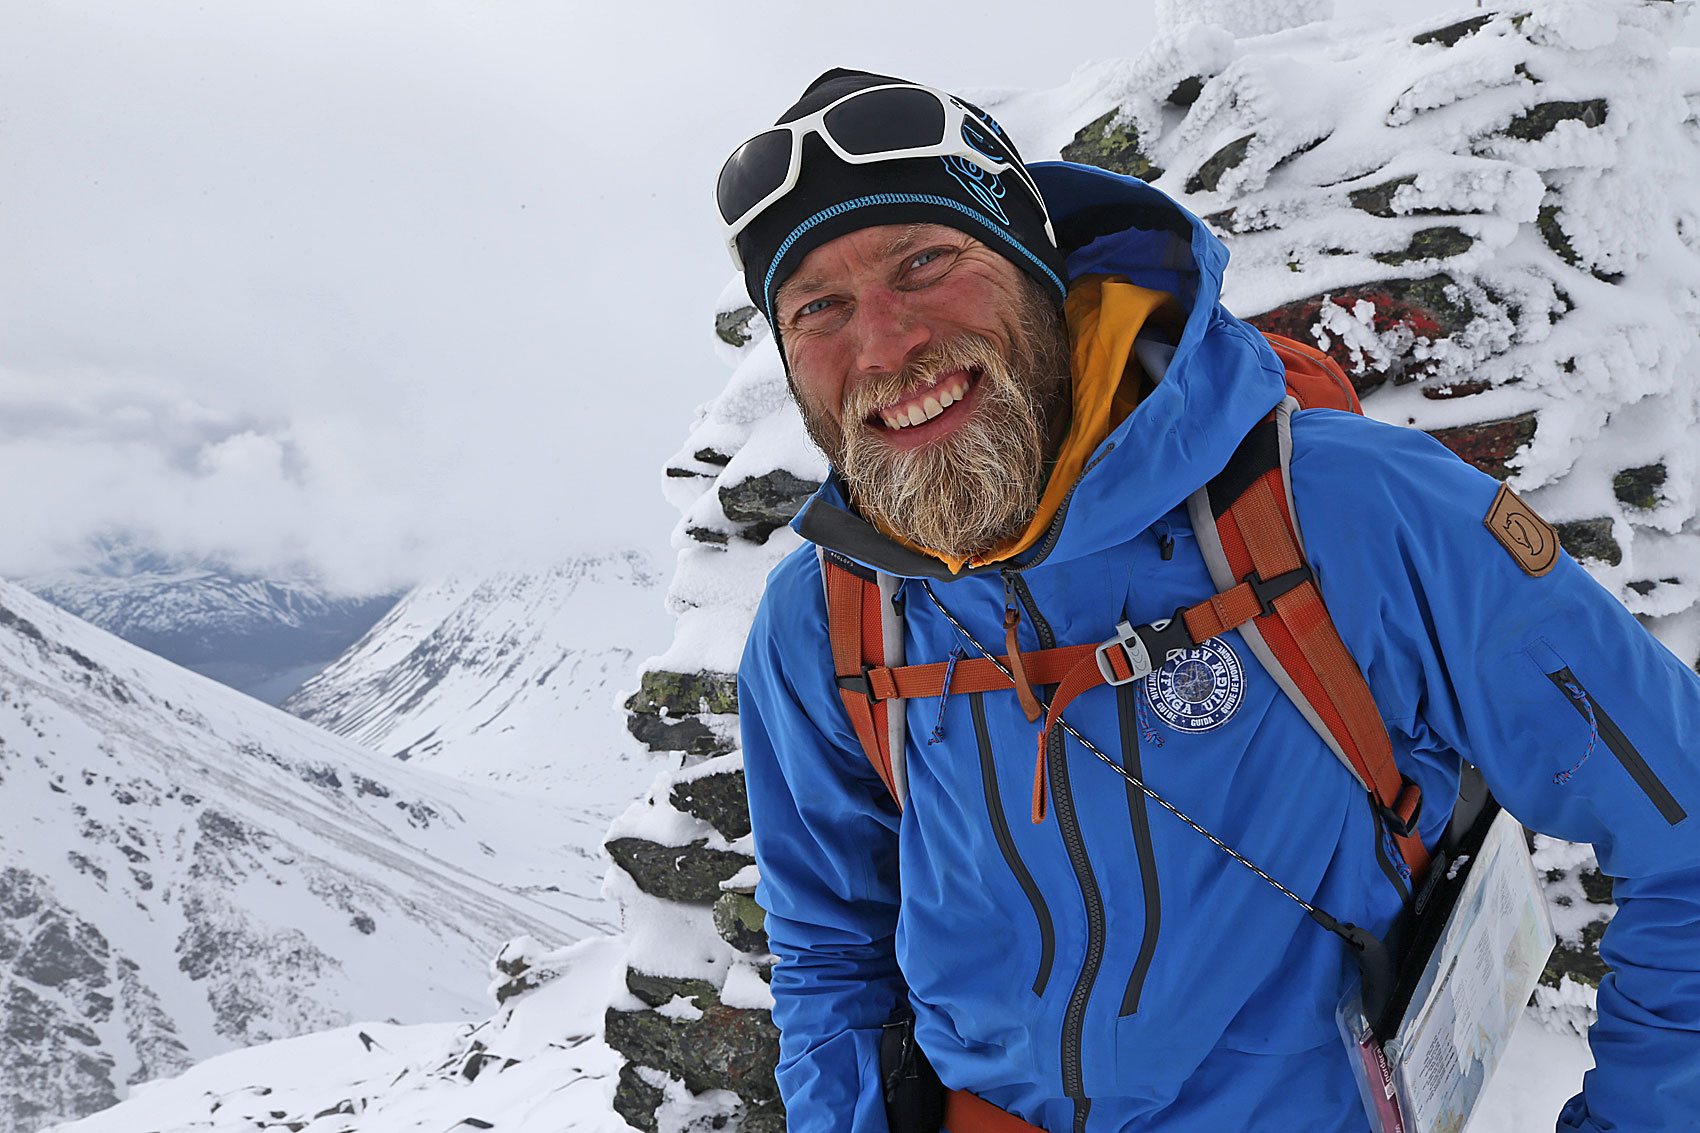 TINDEVEGLEDEREN: Mikal Nerberg på underveis på turen han har guidet flere ganger –Lyngen på langs. Foto: Nils Erik Bjørholt